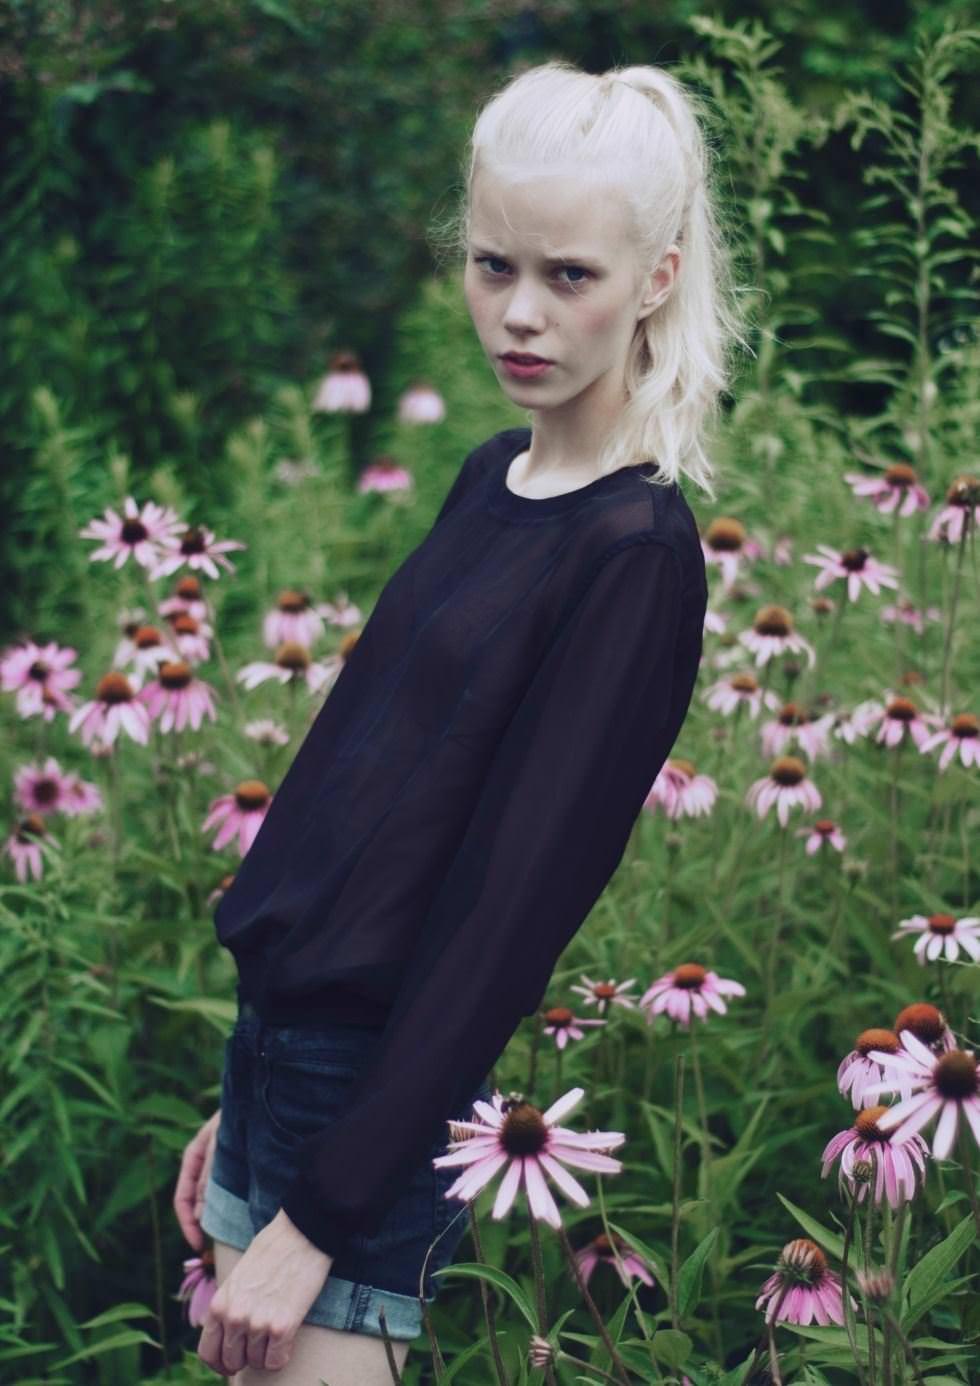 【外人】デンマークの妖精アメリー·シュミット(Amalie Schmidt)が異常な程可愛いポルノ画像 2459